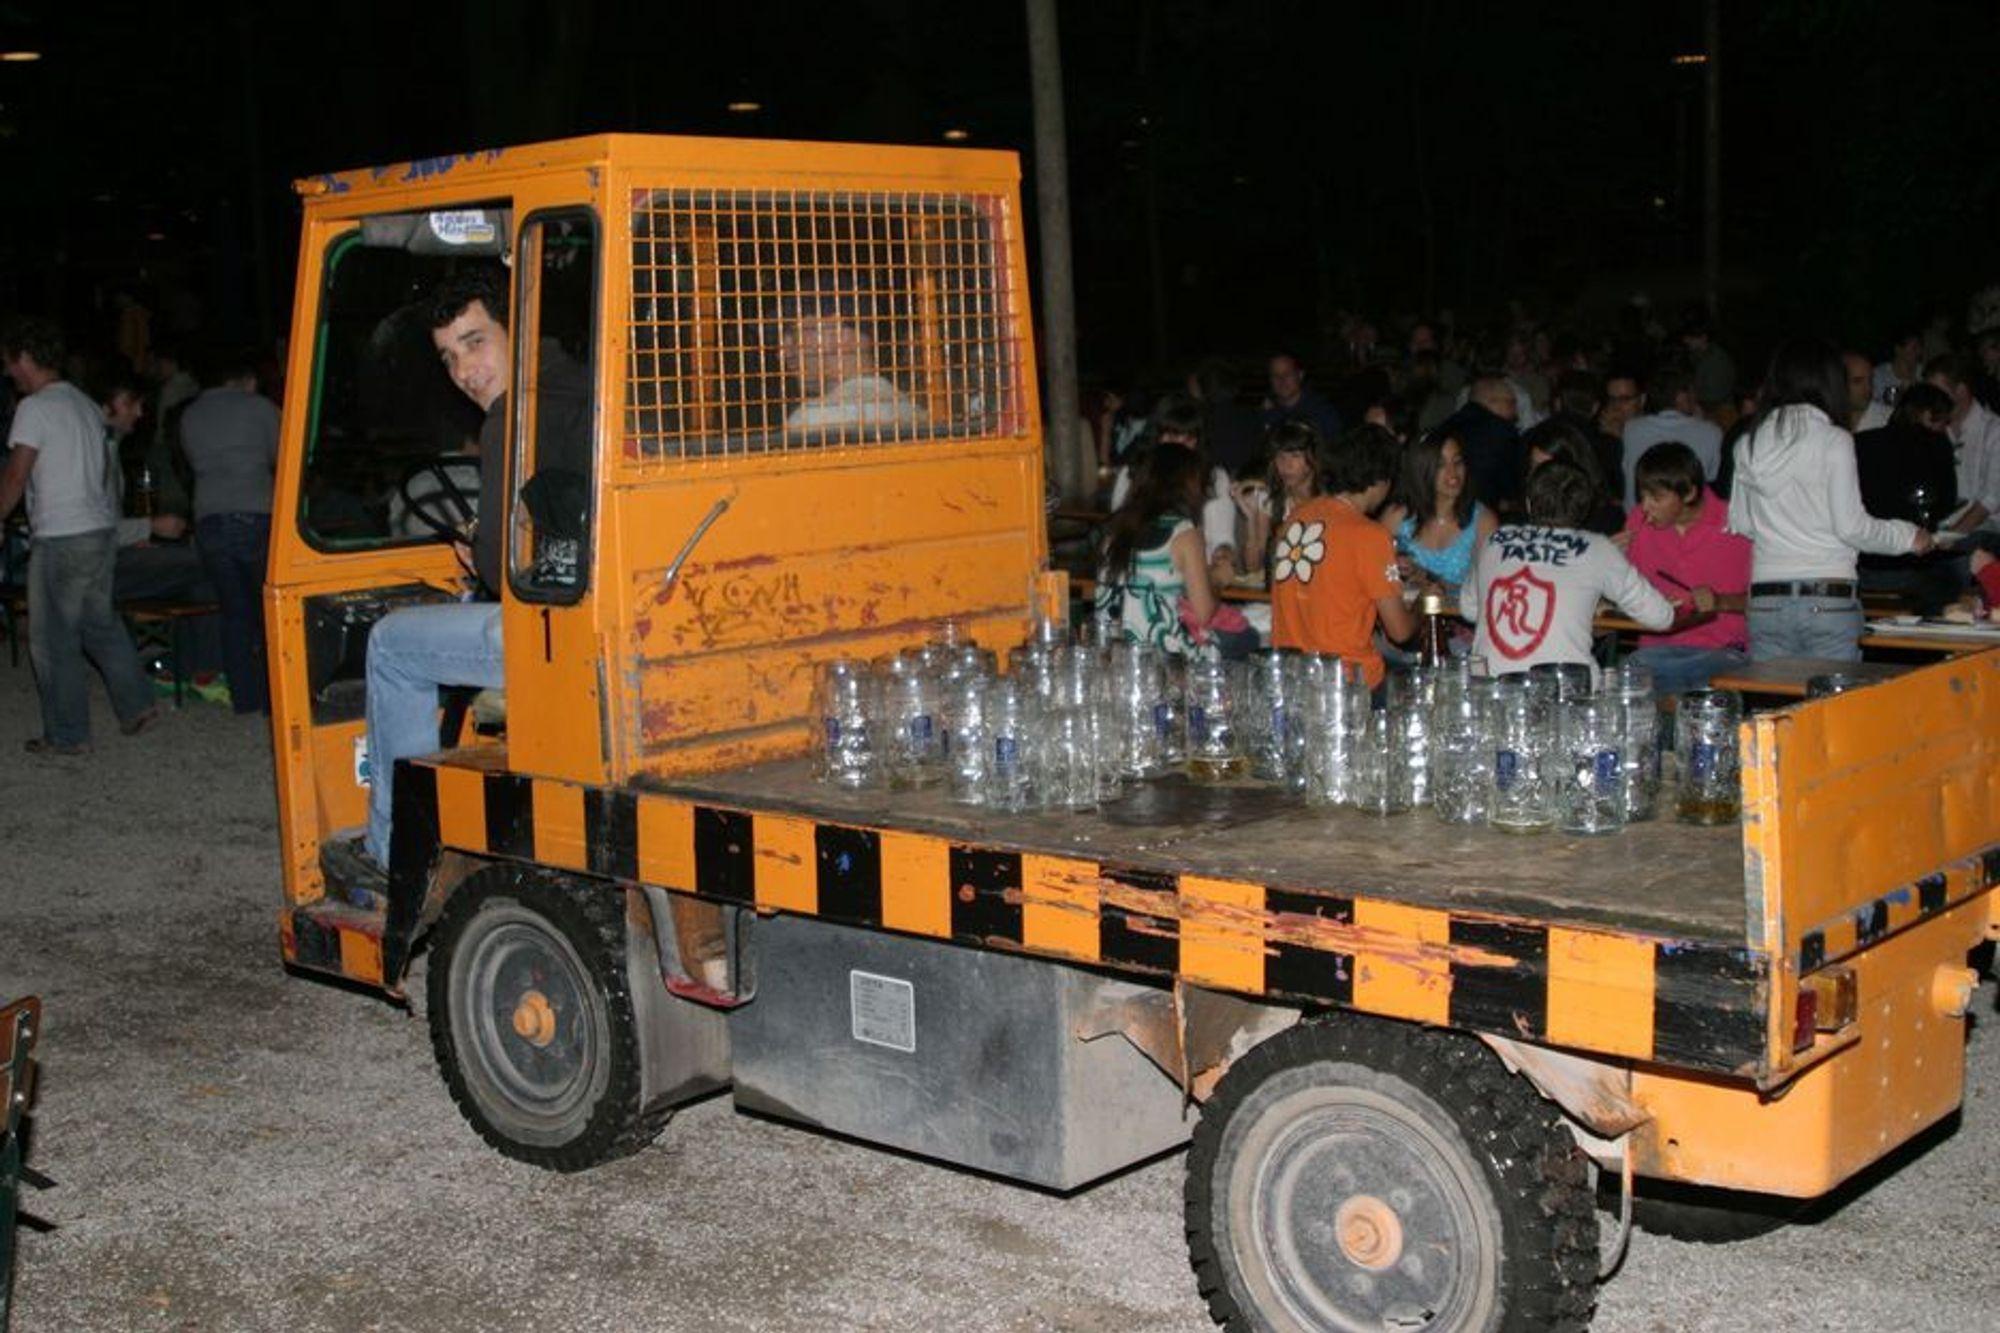 ØLBIL: Kelner Mehmet Urucu på Augustinerkeller i München bruker lastebil for å rydde bordene.